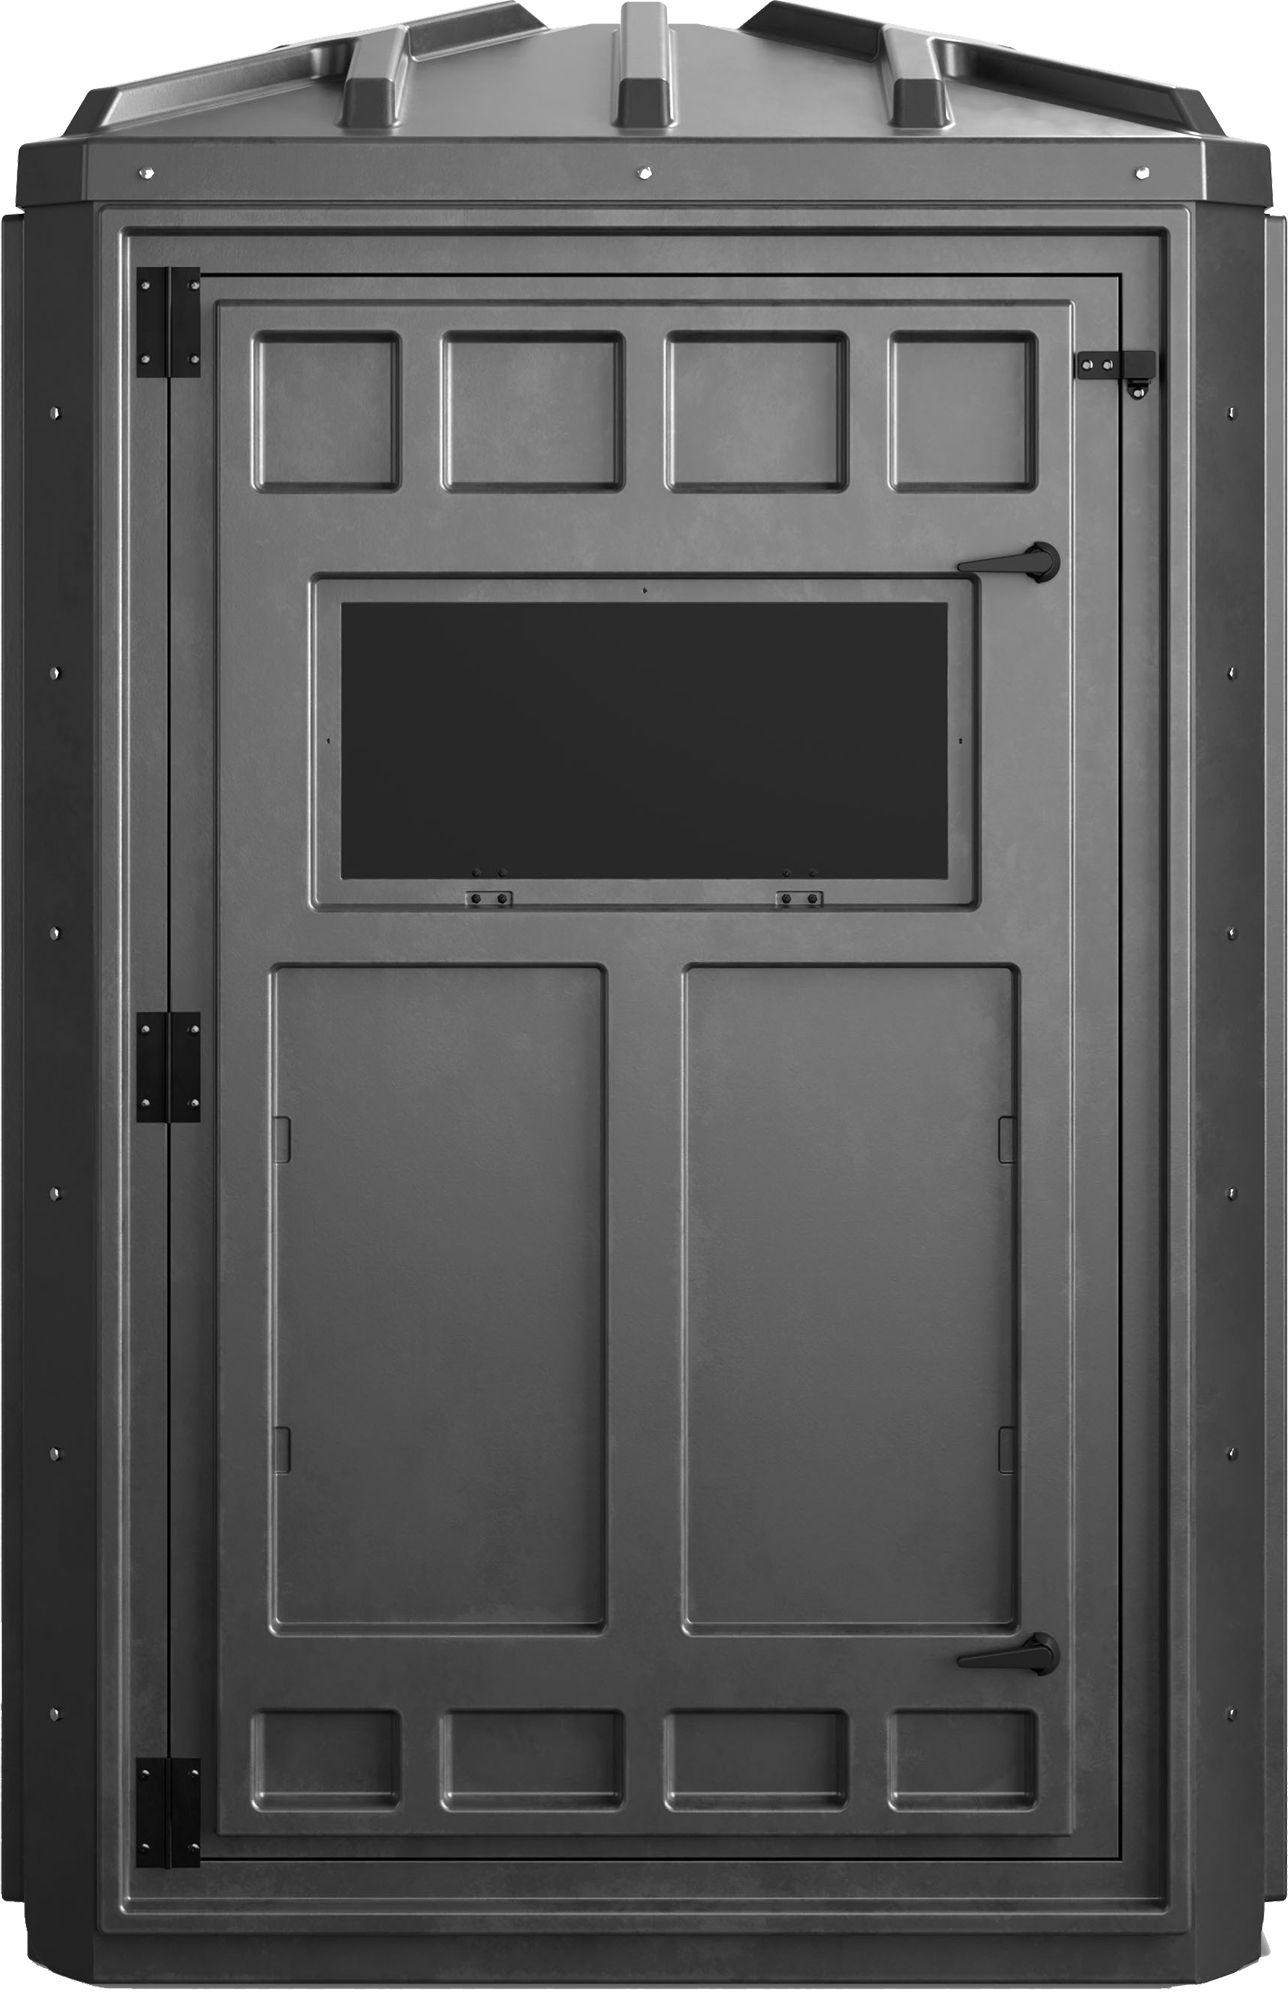 Booner Blinds 4 Panel Gunner Box Blind - Tinted Windows thumbnail